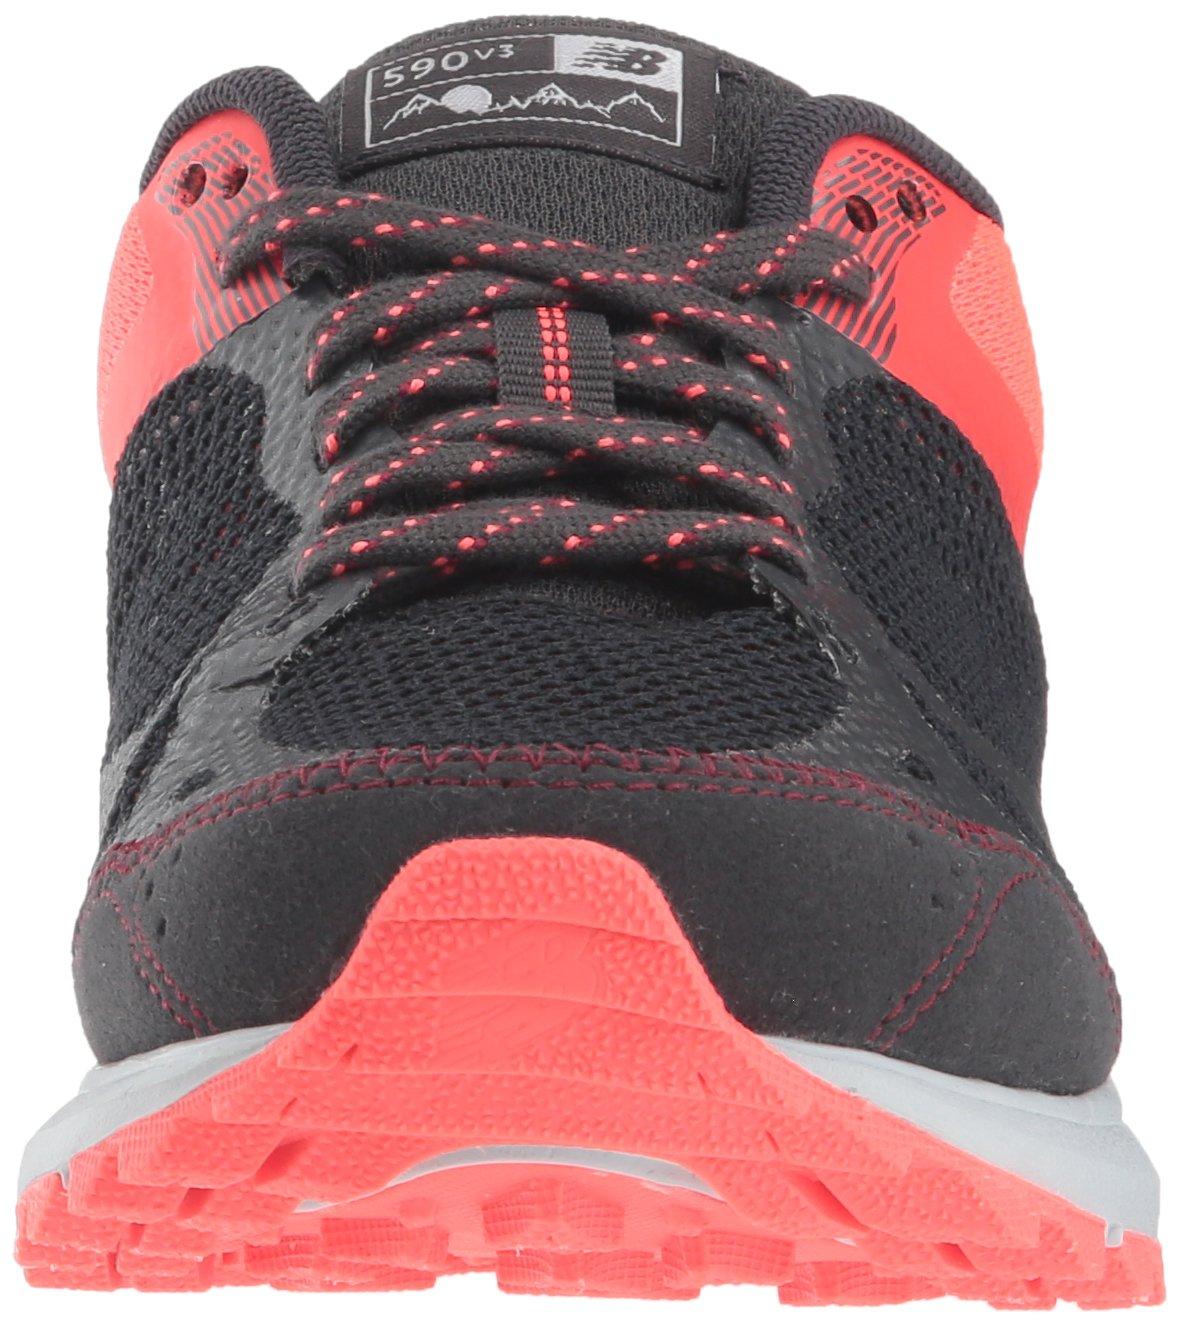 New Balance Women's 590v3 Running Shoe B077MHZ8YQ 10 D US|Black/Pink